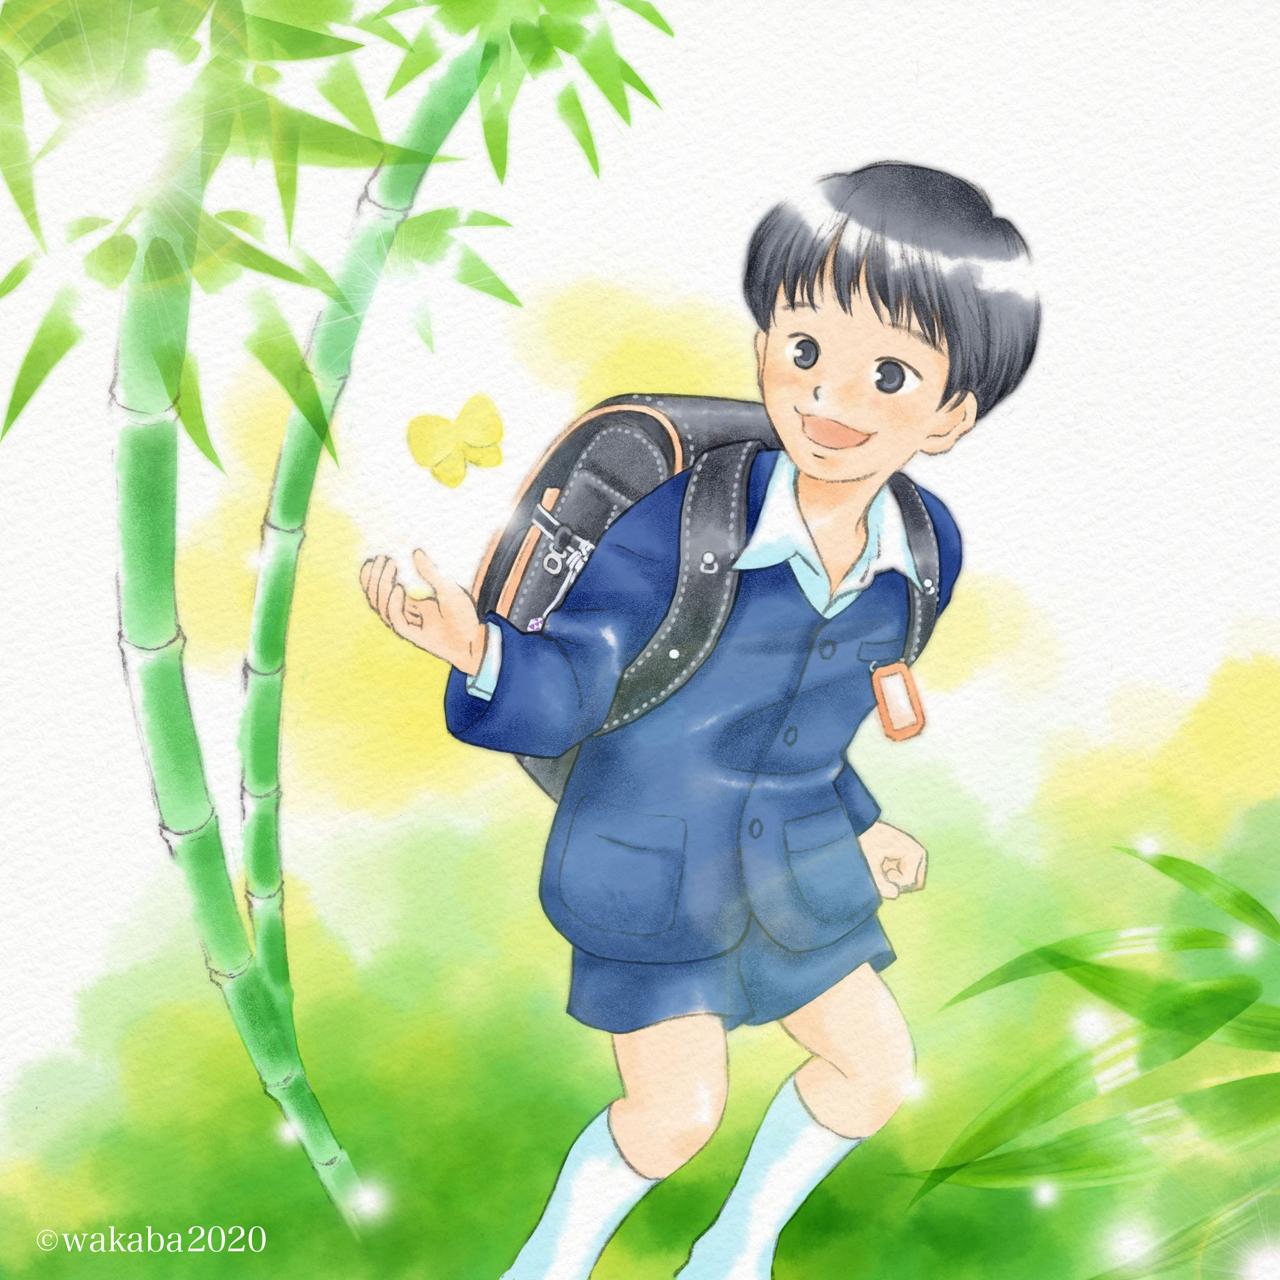 入学お祝いイラスト:男の子